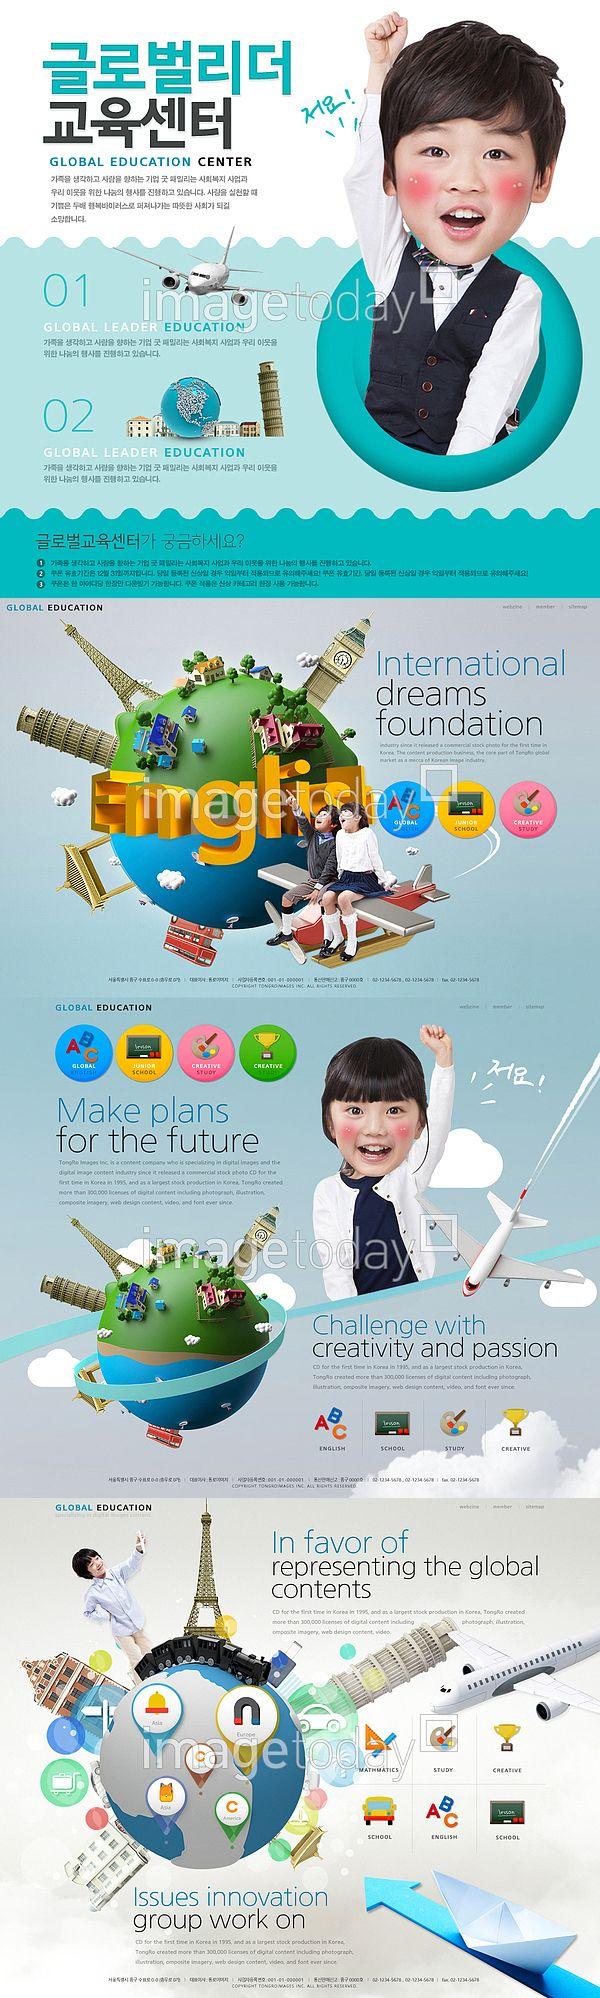 웹콘텐츠 #이미지투데이 #imagetoday #클립아트코리아 #clipartkorea #통로이미지 #tongroimages 교육 글로벌 어린이 유학 템플릿 자신감 이벤트페이지 영어 해외 즐거움 귀여움 랜드마크 웹디자인 web contents education global child template confidence event page english enjoyment cute landmark webdesign web contents